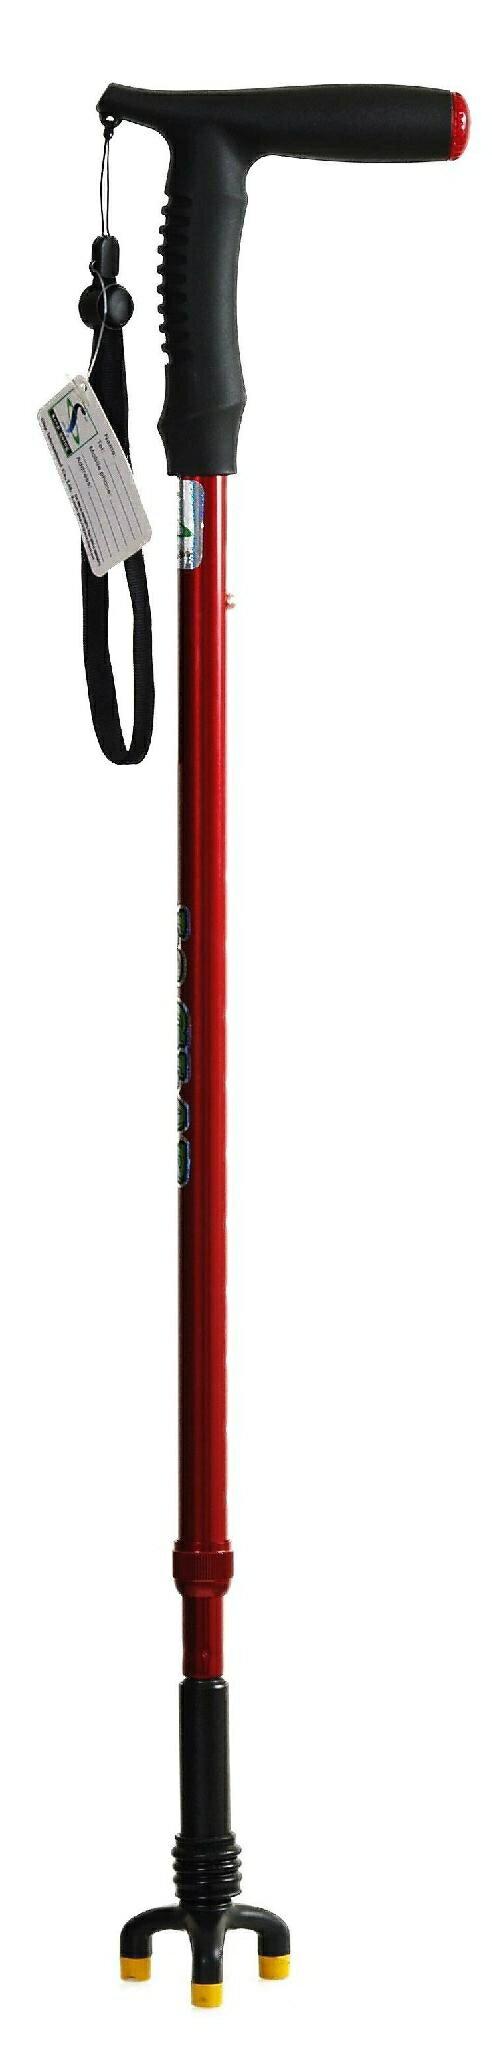 【拐杖 台灣製造】全方位手杖 ATS-735S 紅/銀 兩種顏色(台灣製造)